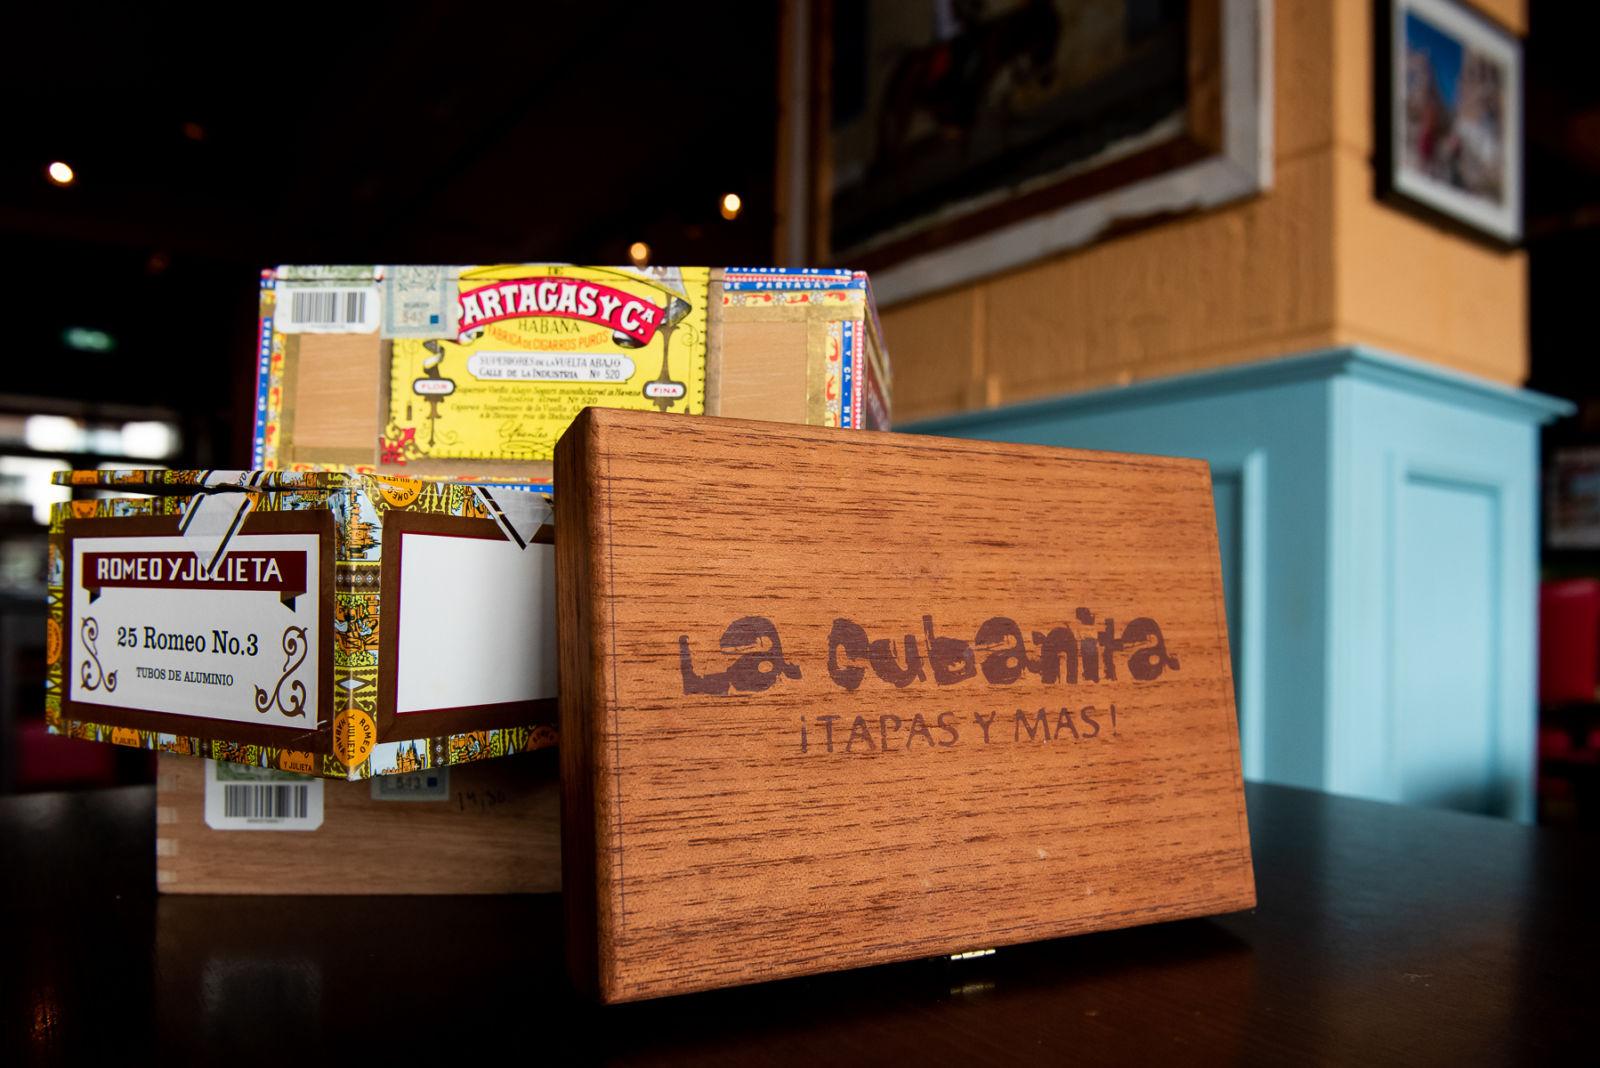 La Cubanita Verjaardag.Veelgestelde Vragen La Cubanita